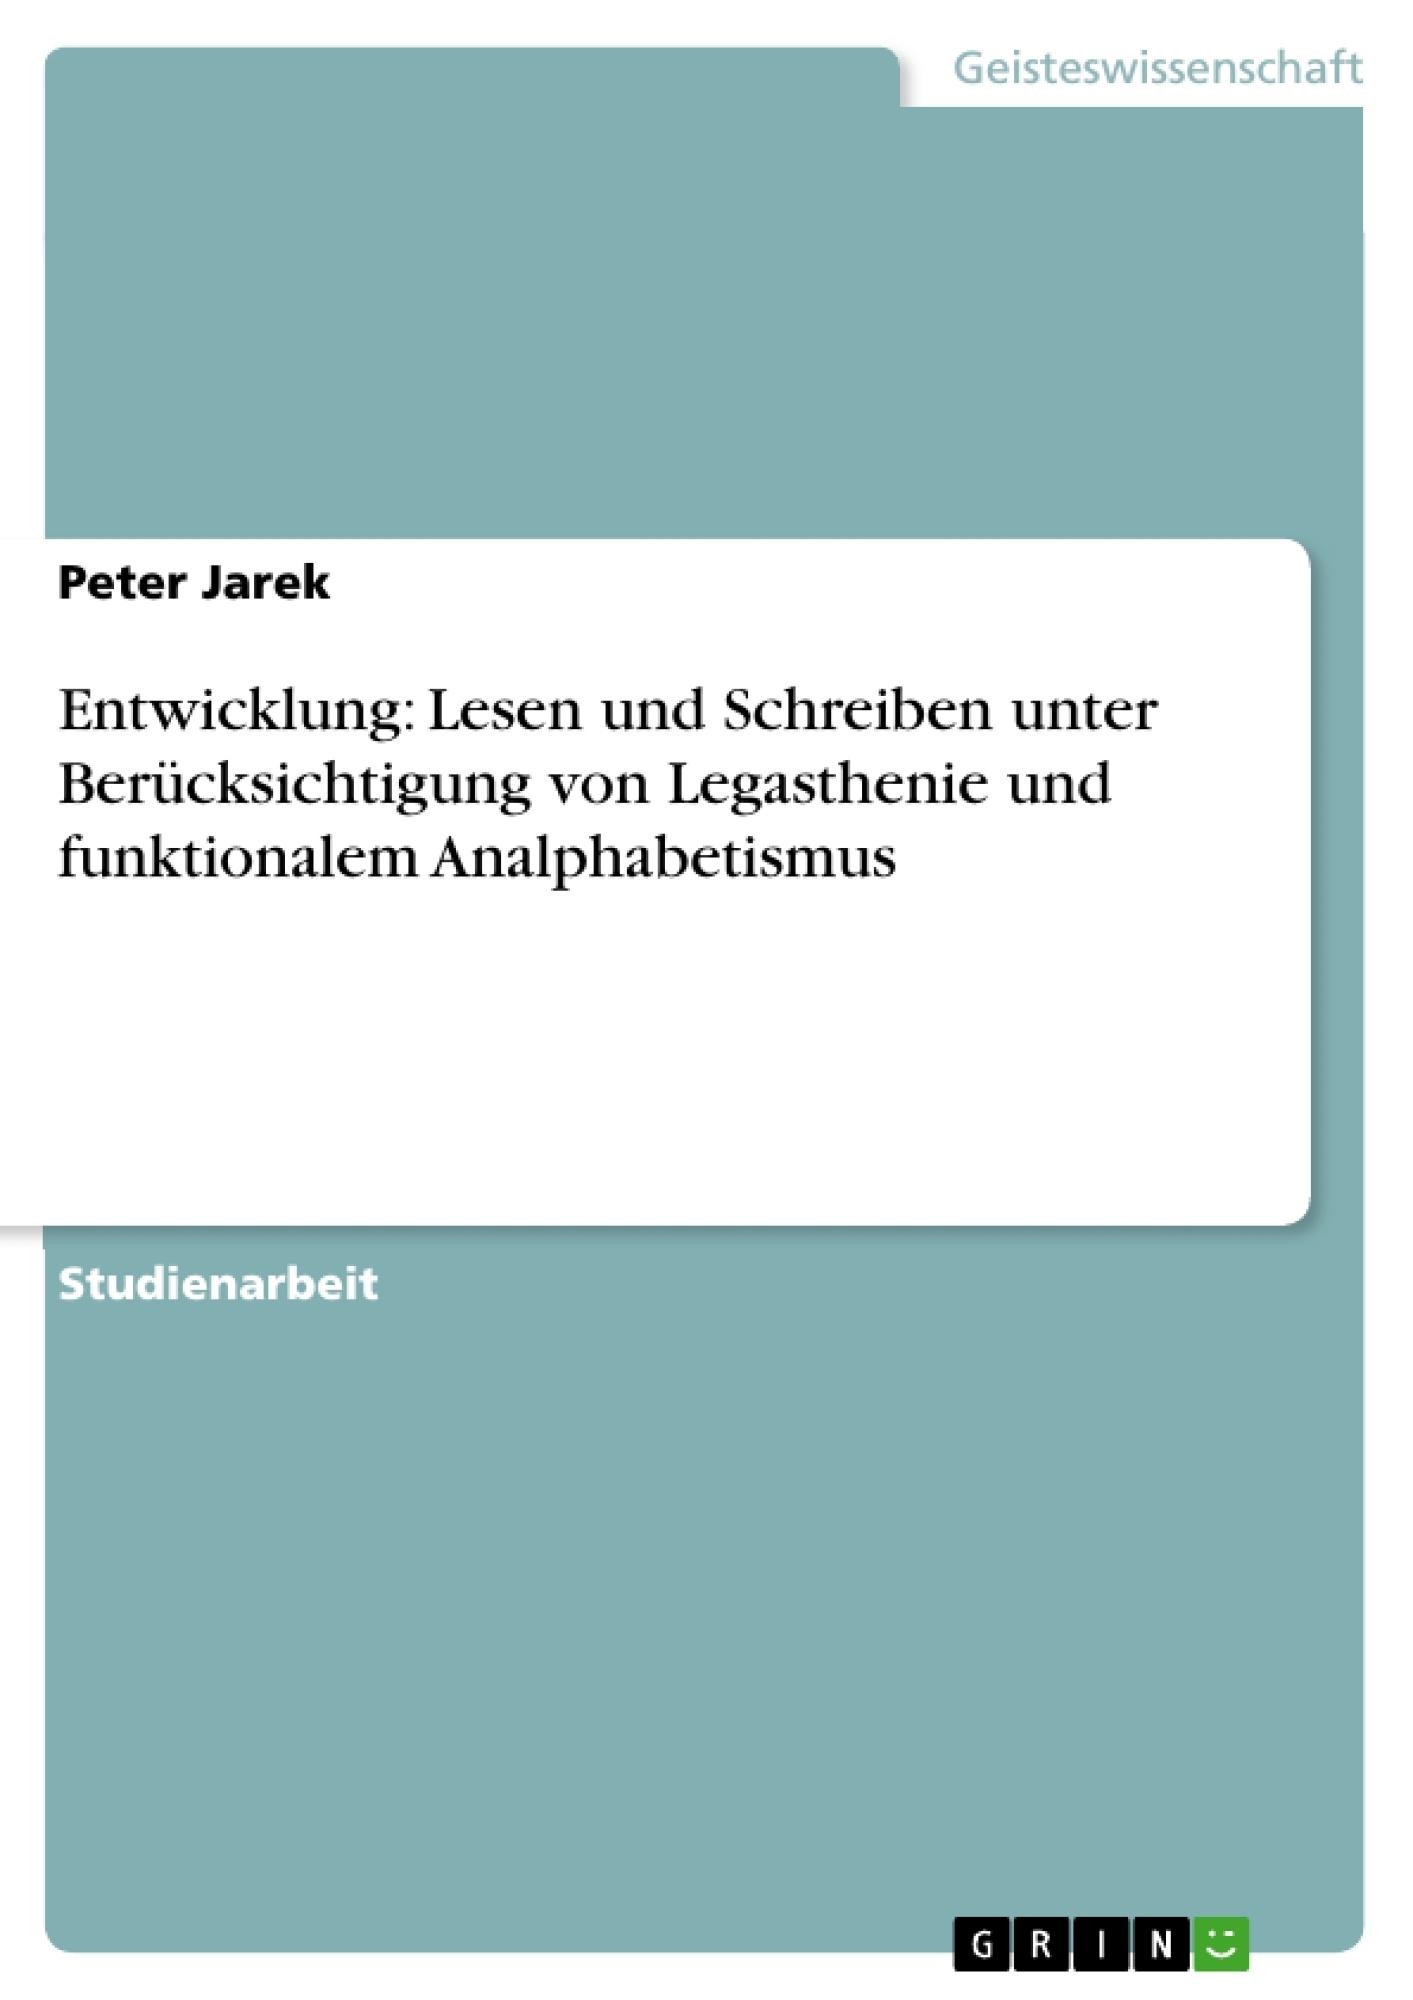 Titel: Entwicklung: Lesen und Schreiben unter Berücksichtigung von Legasthenie und funktionalem Analphabetismus